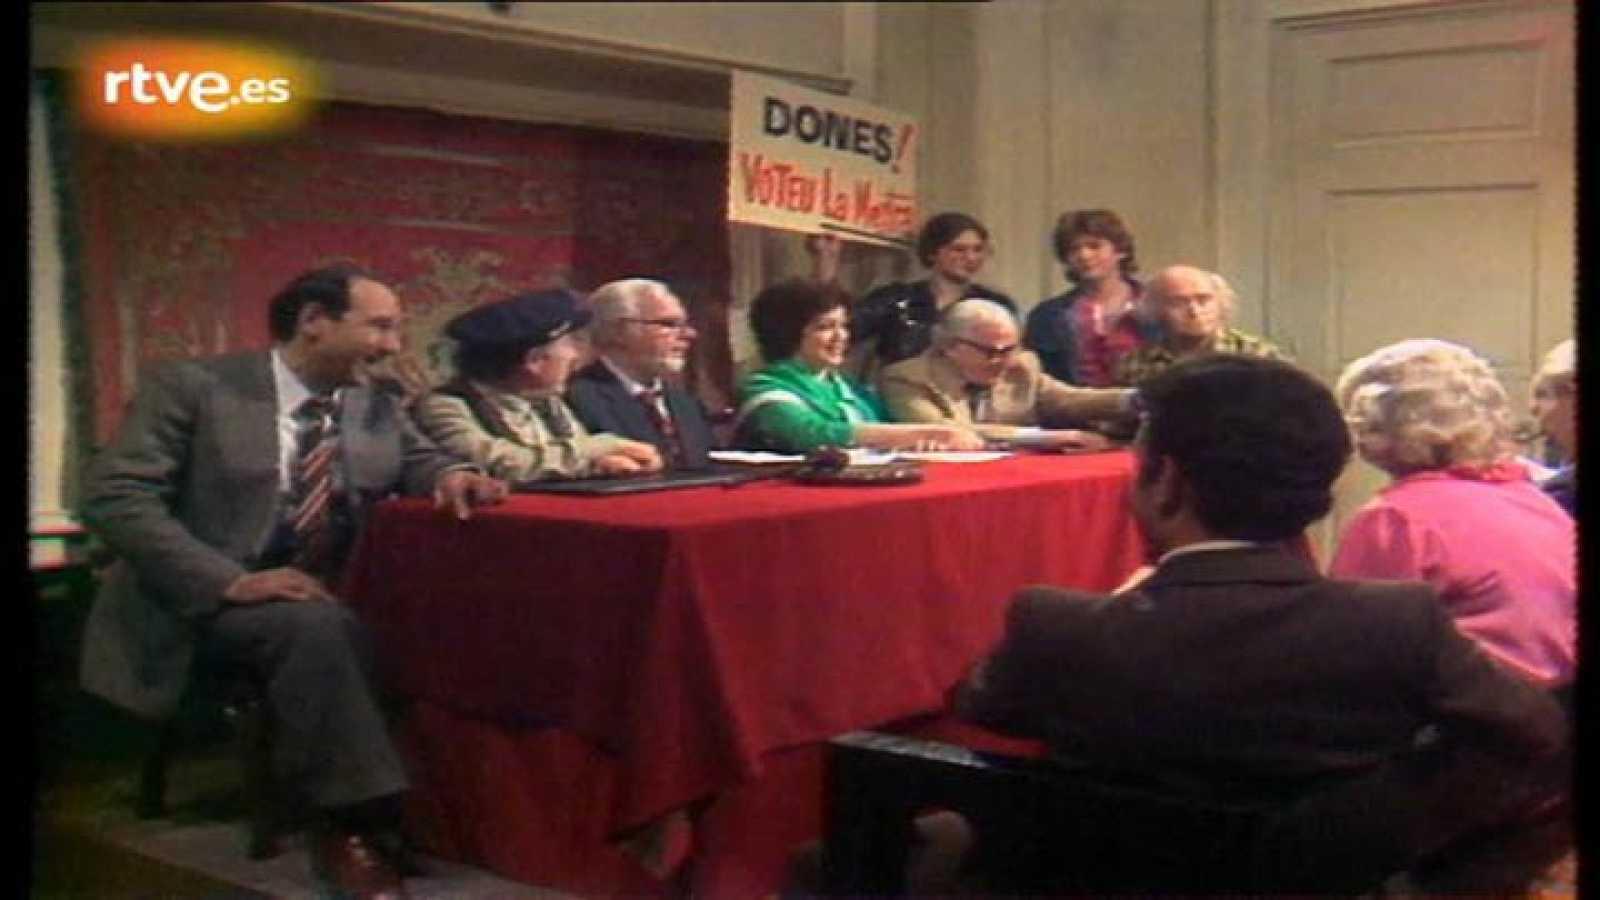 Dr. Caparrós: Cap.6: Qui serà el nou alcalde?